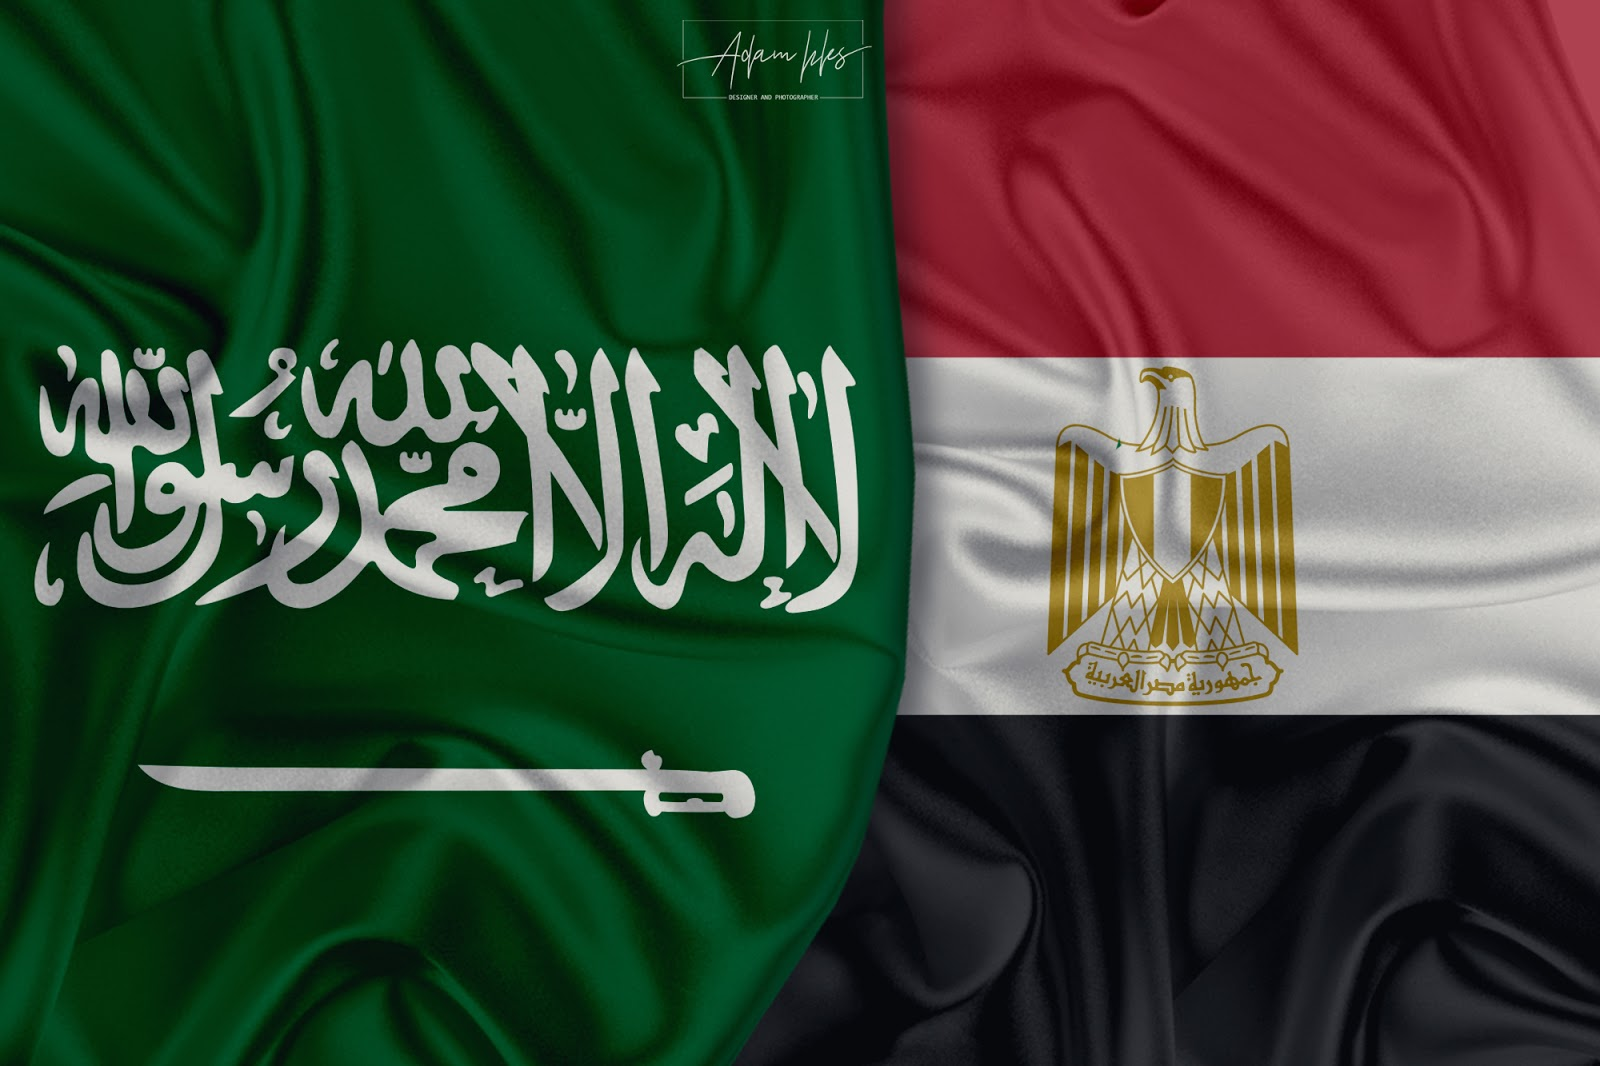 علم السعودية وعلم مصر